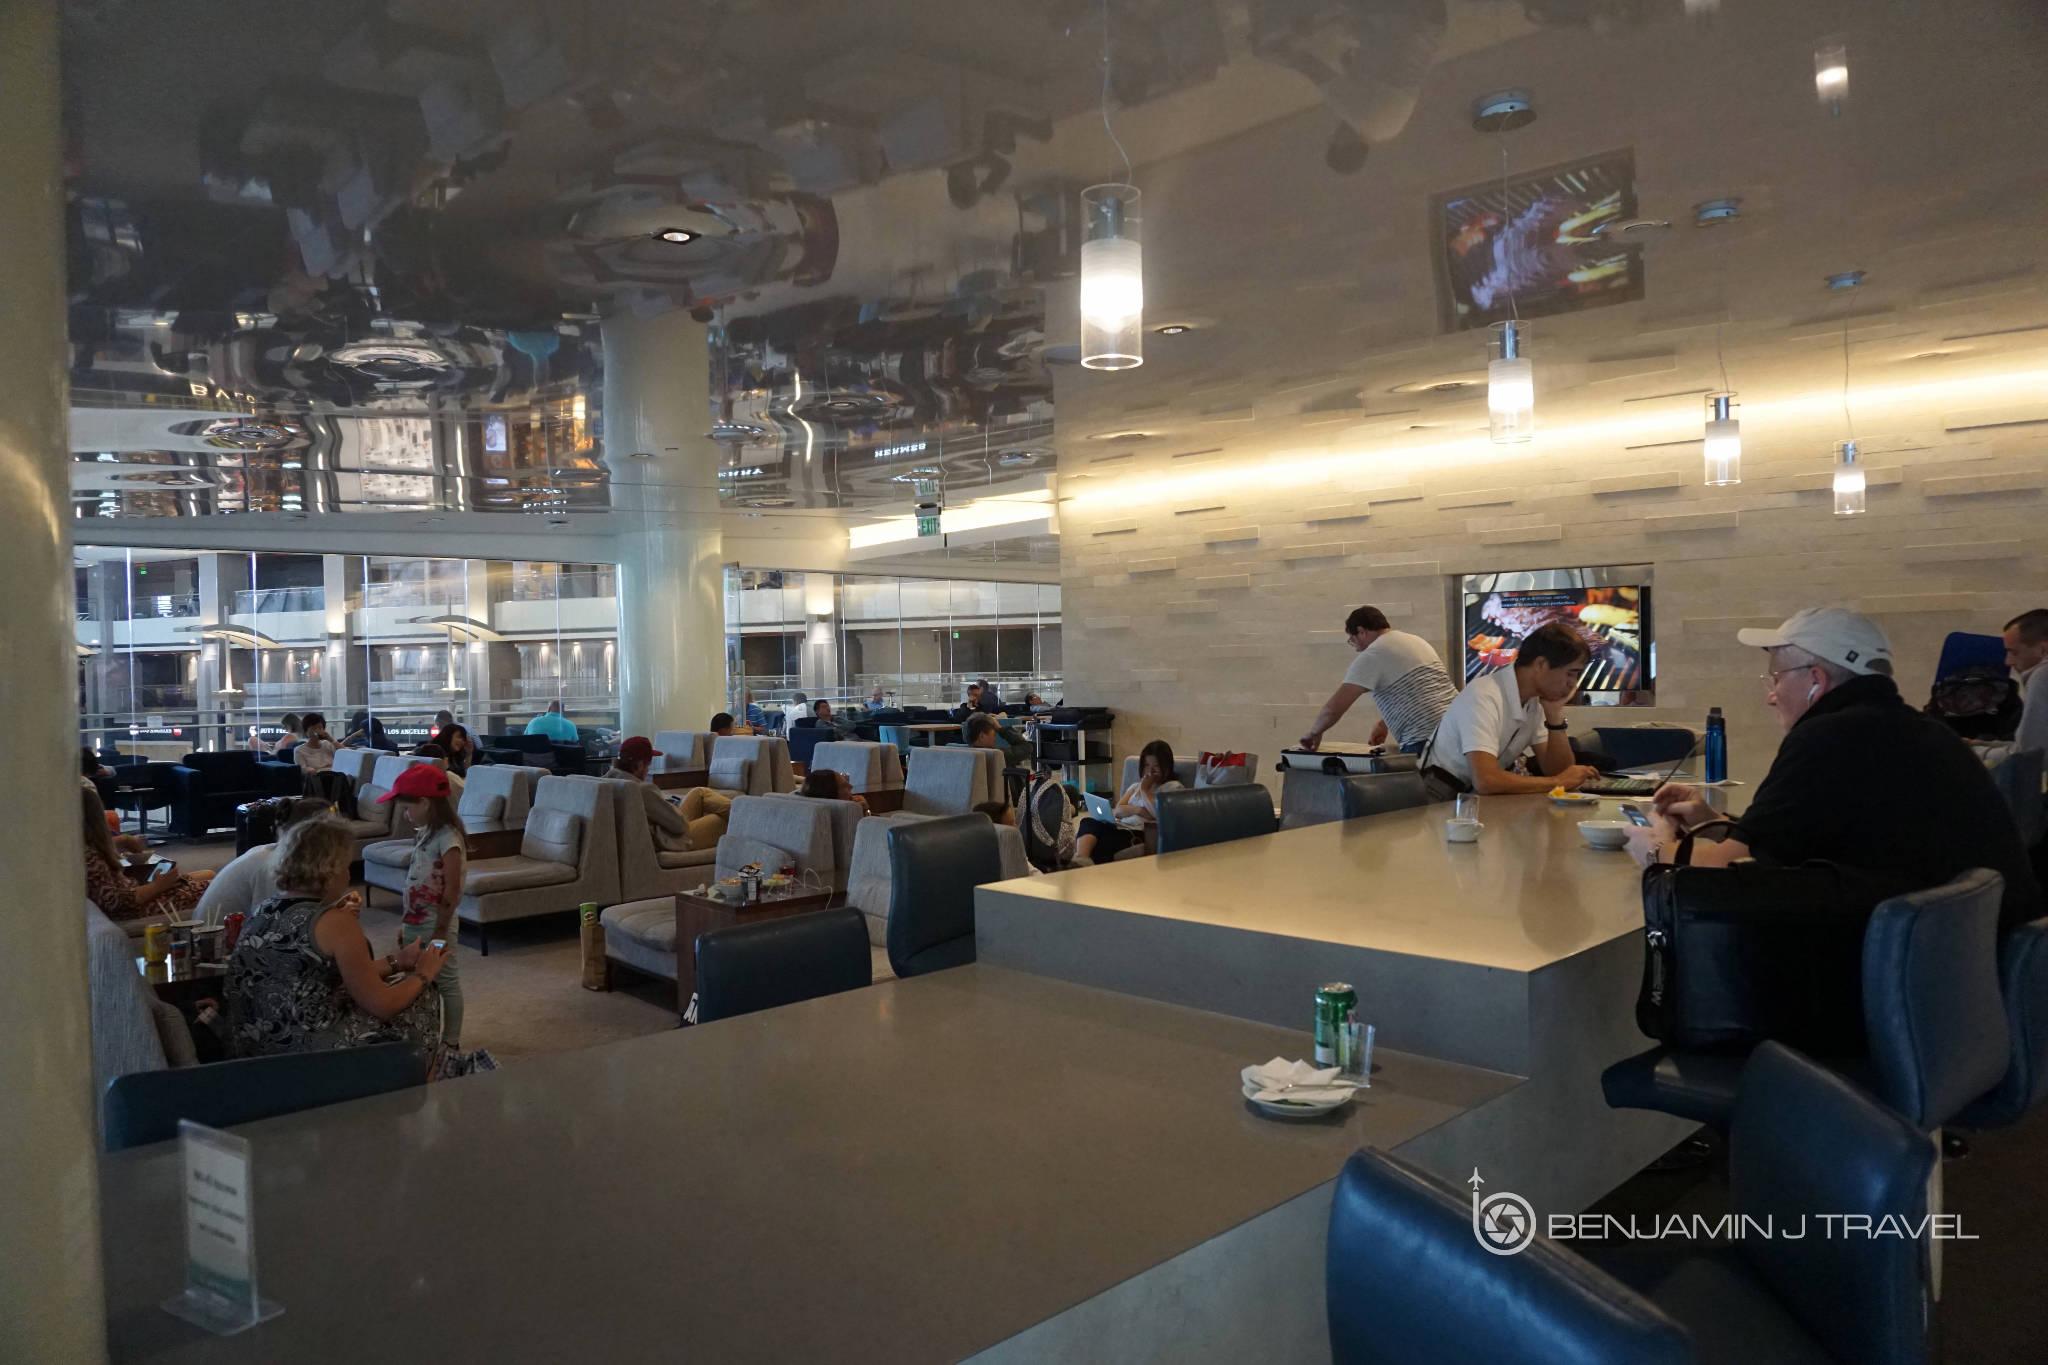 Kal Lounge Skyteam Lax 24 Benjamin J Travel